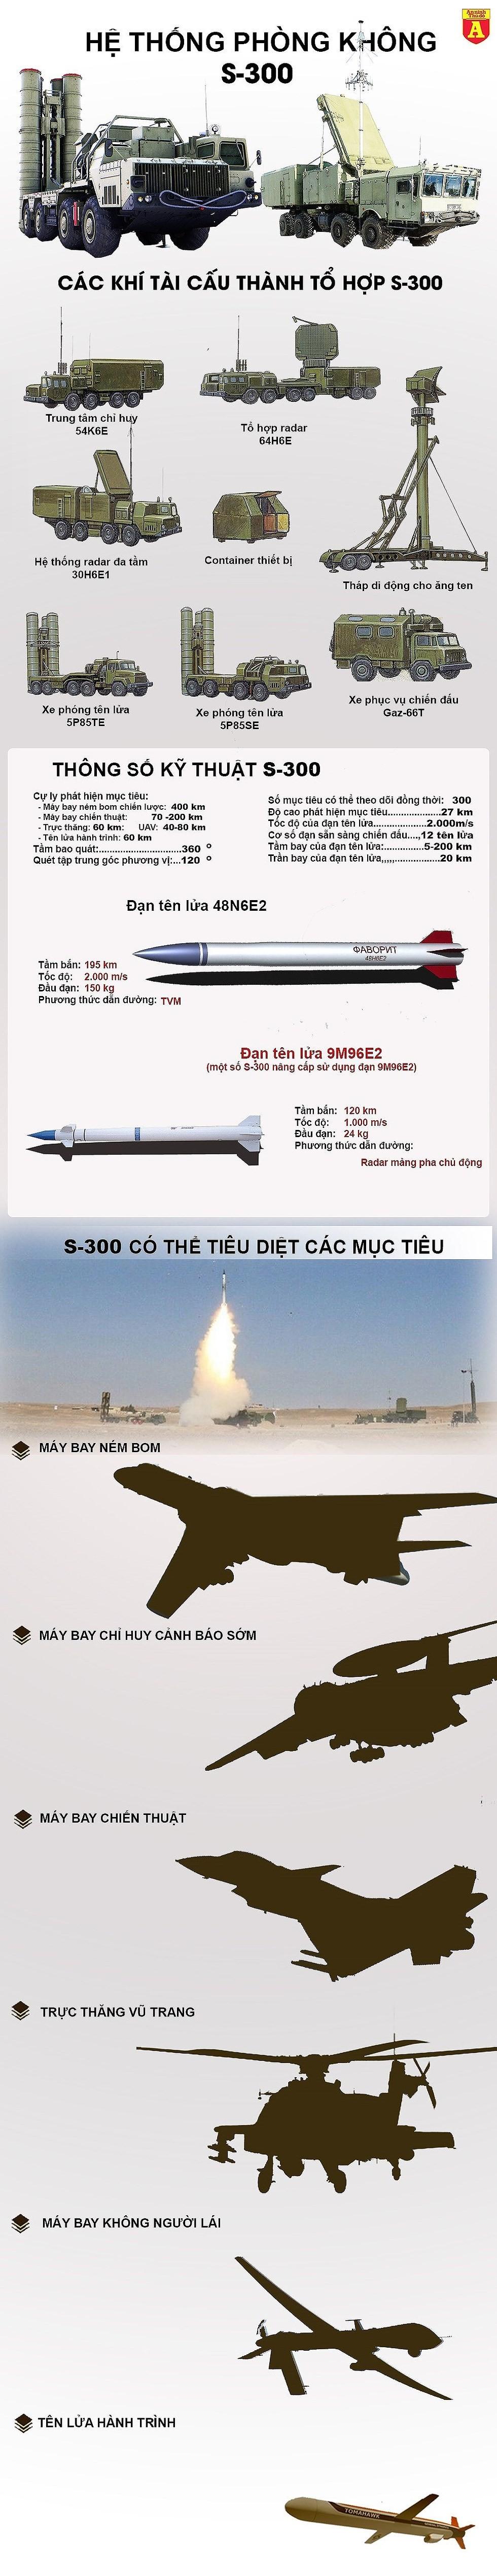 """[ĐỒ HỌA] Nga bất ngờ triển khai """"Rồng lửa"""" S-300 tới Đông Syria khiến Mỹ và Israel lo ngại đặc biệt ảnh 2"""